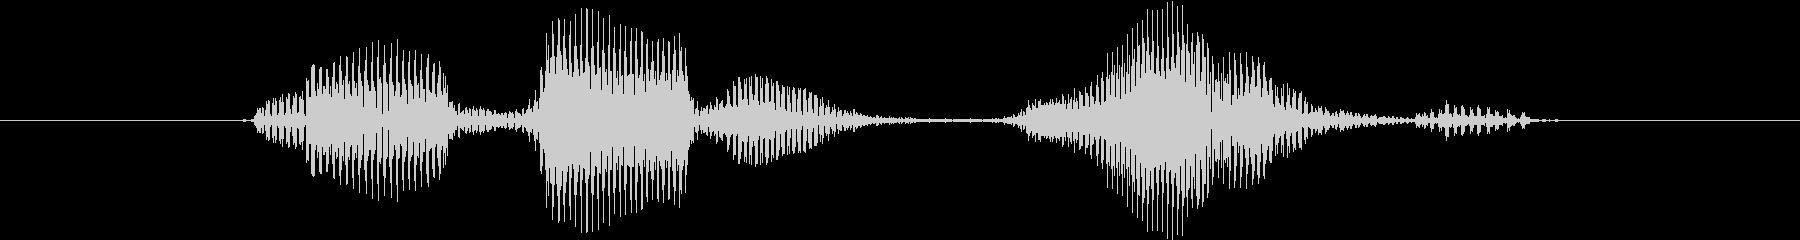 レベル5(ふぁいぶ)の未再生の波形